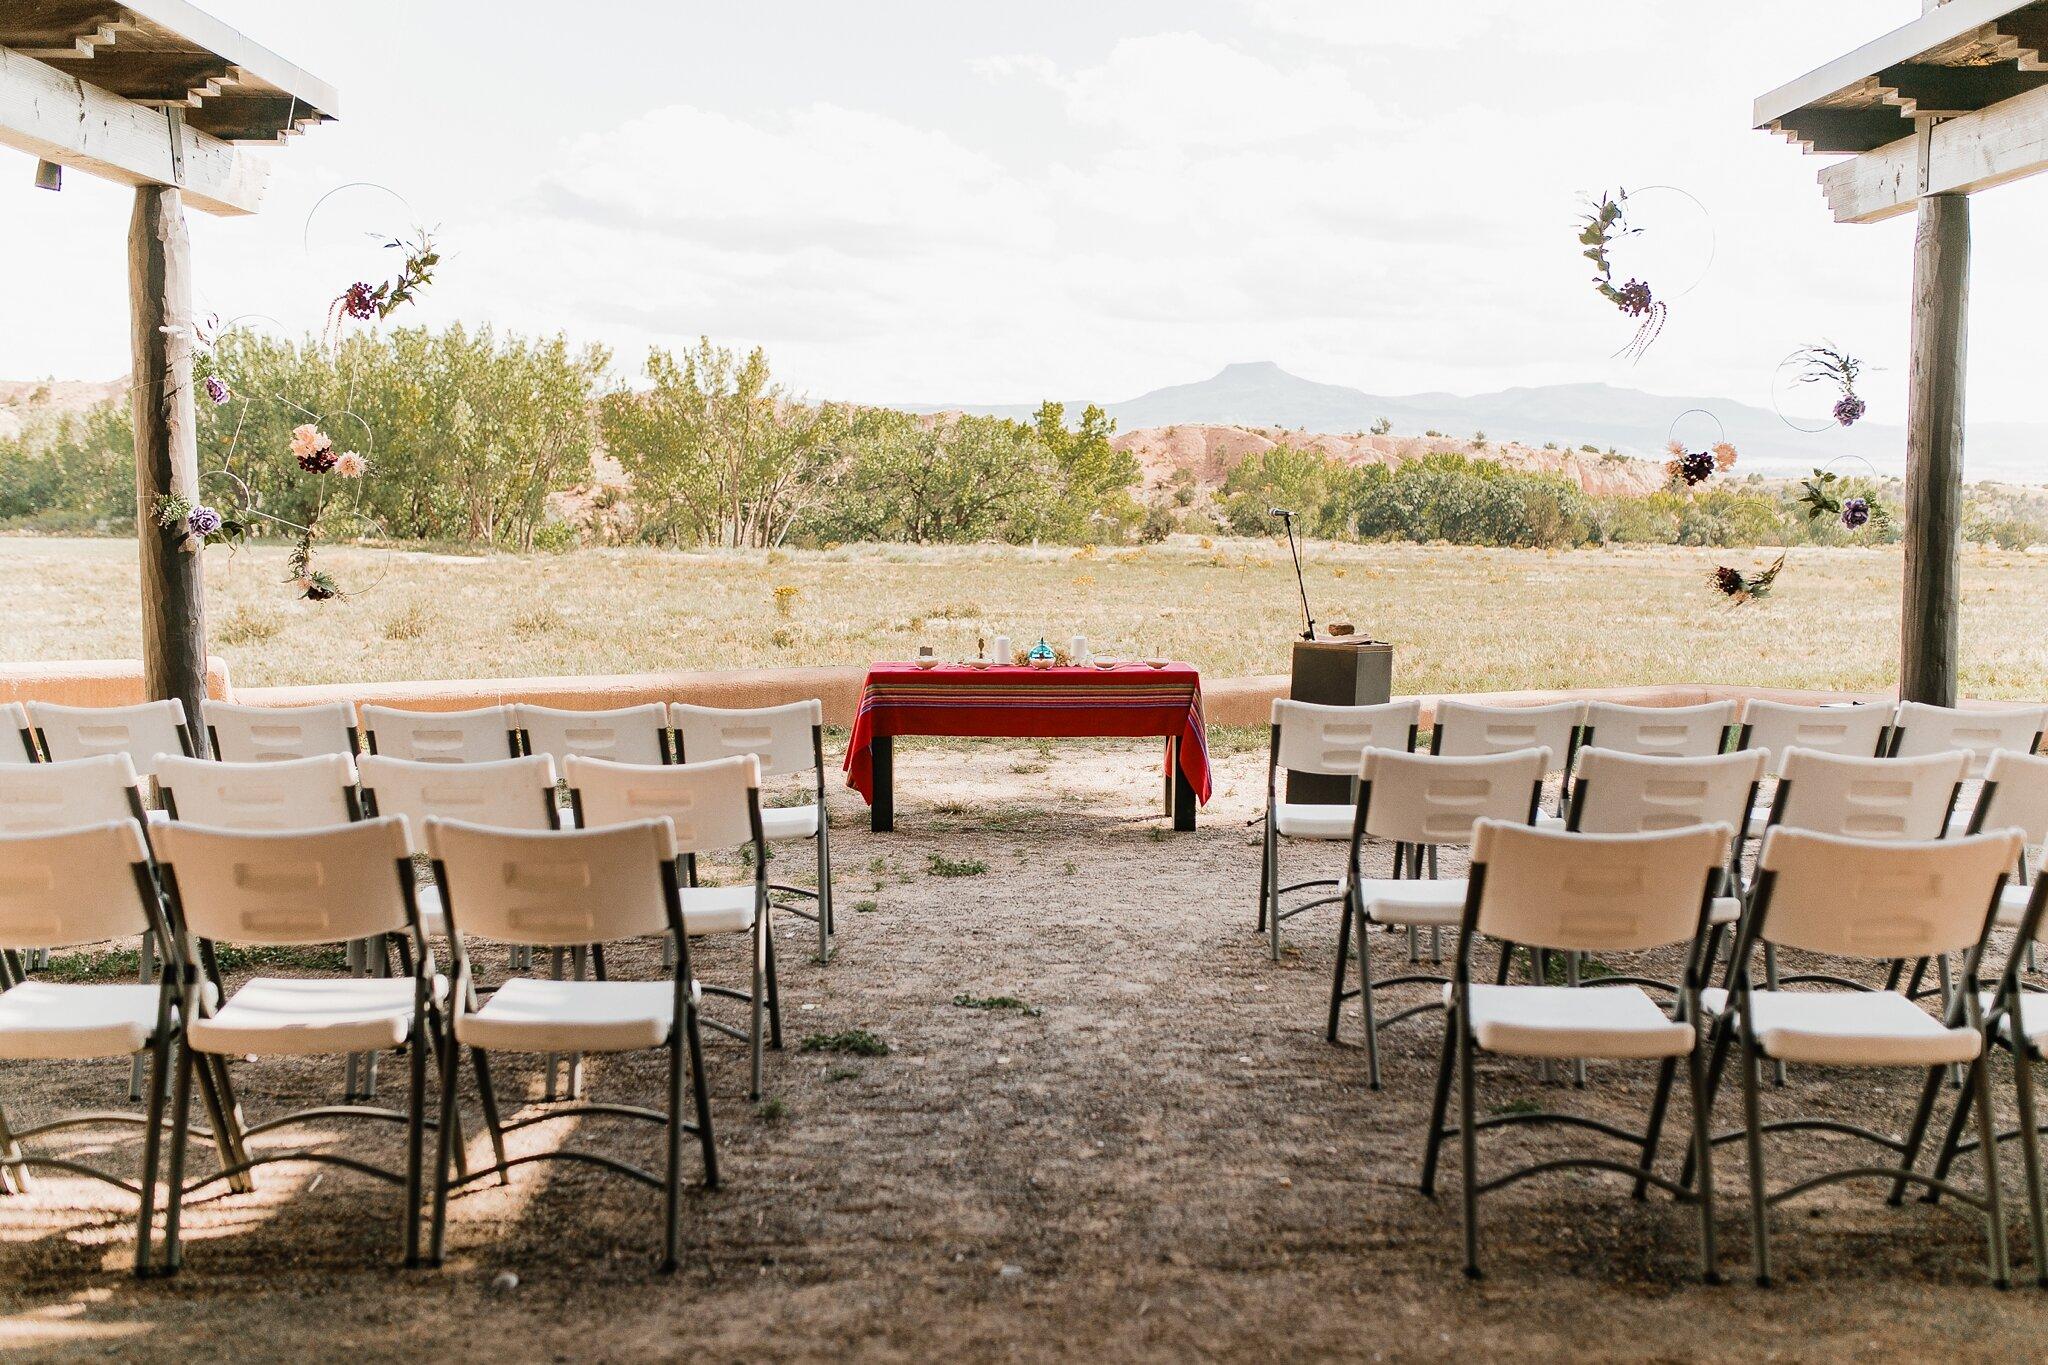 Alicia+lucia+photography+-+albuquerque+wedding+photographer+-+santa+fe+wedding+photography+-+new+mexico+wedding+photographer+-+new+mexico+wedding+-+wedding+-+santa+fe+wedding+-+ghost+ranch+-+ghost+ranch+wedding+-+fall+wedding_0024.jpg